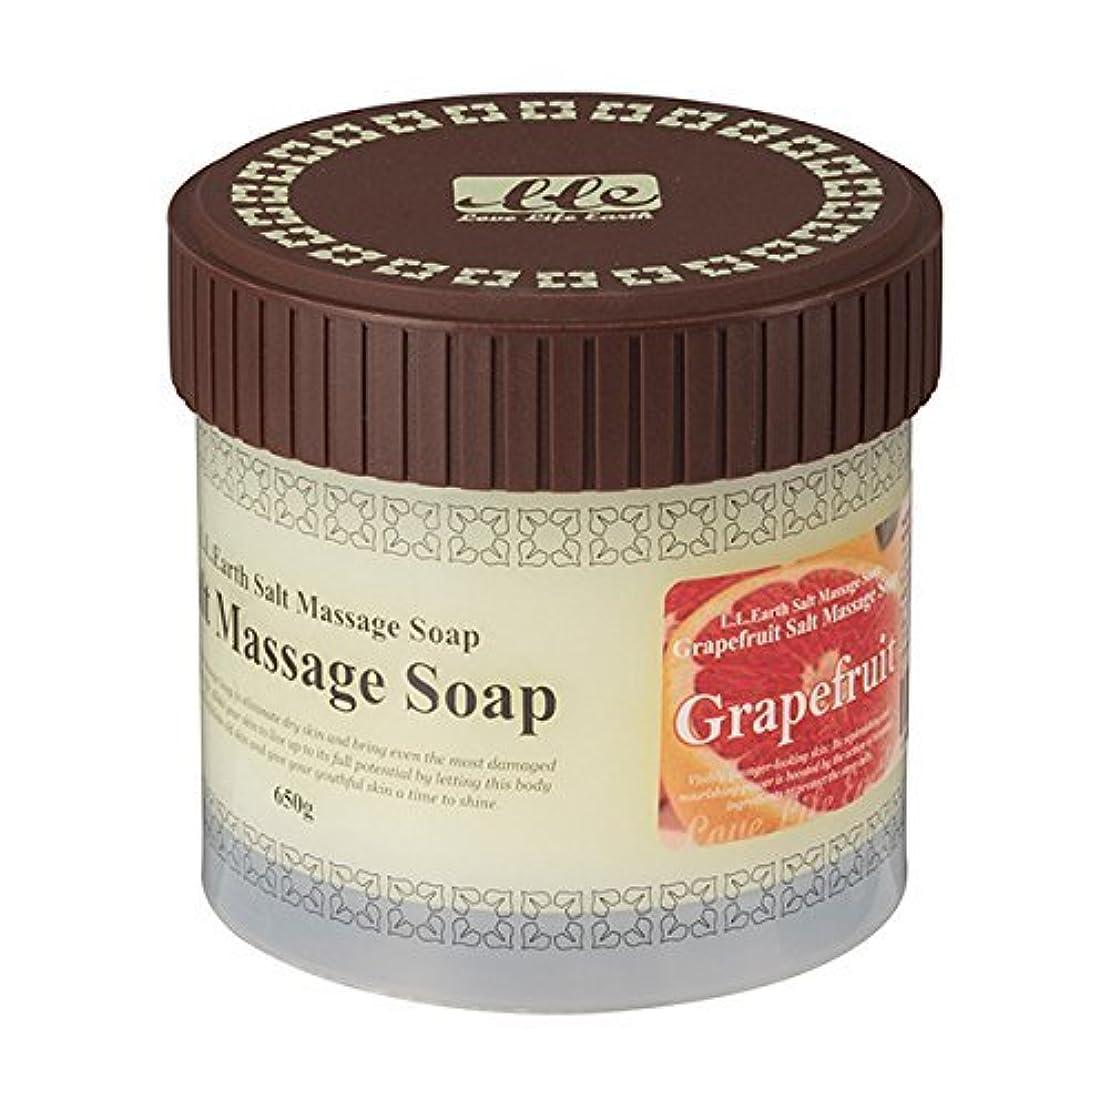 すべきむき出し許されるLLE 業務用 ソルトマッサージソープ 650g [選べる香り5種類] ( ボディ用 スクラブ ) グレープフルーツ